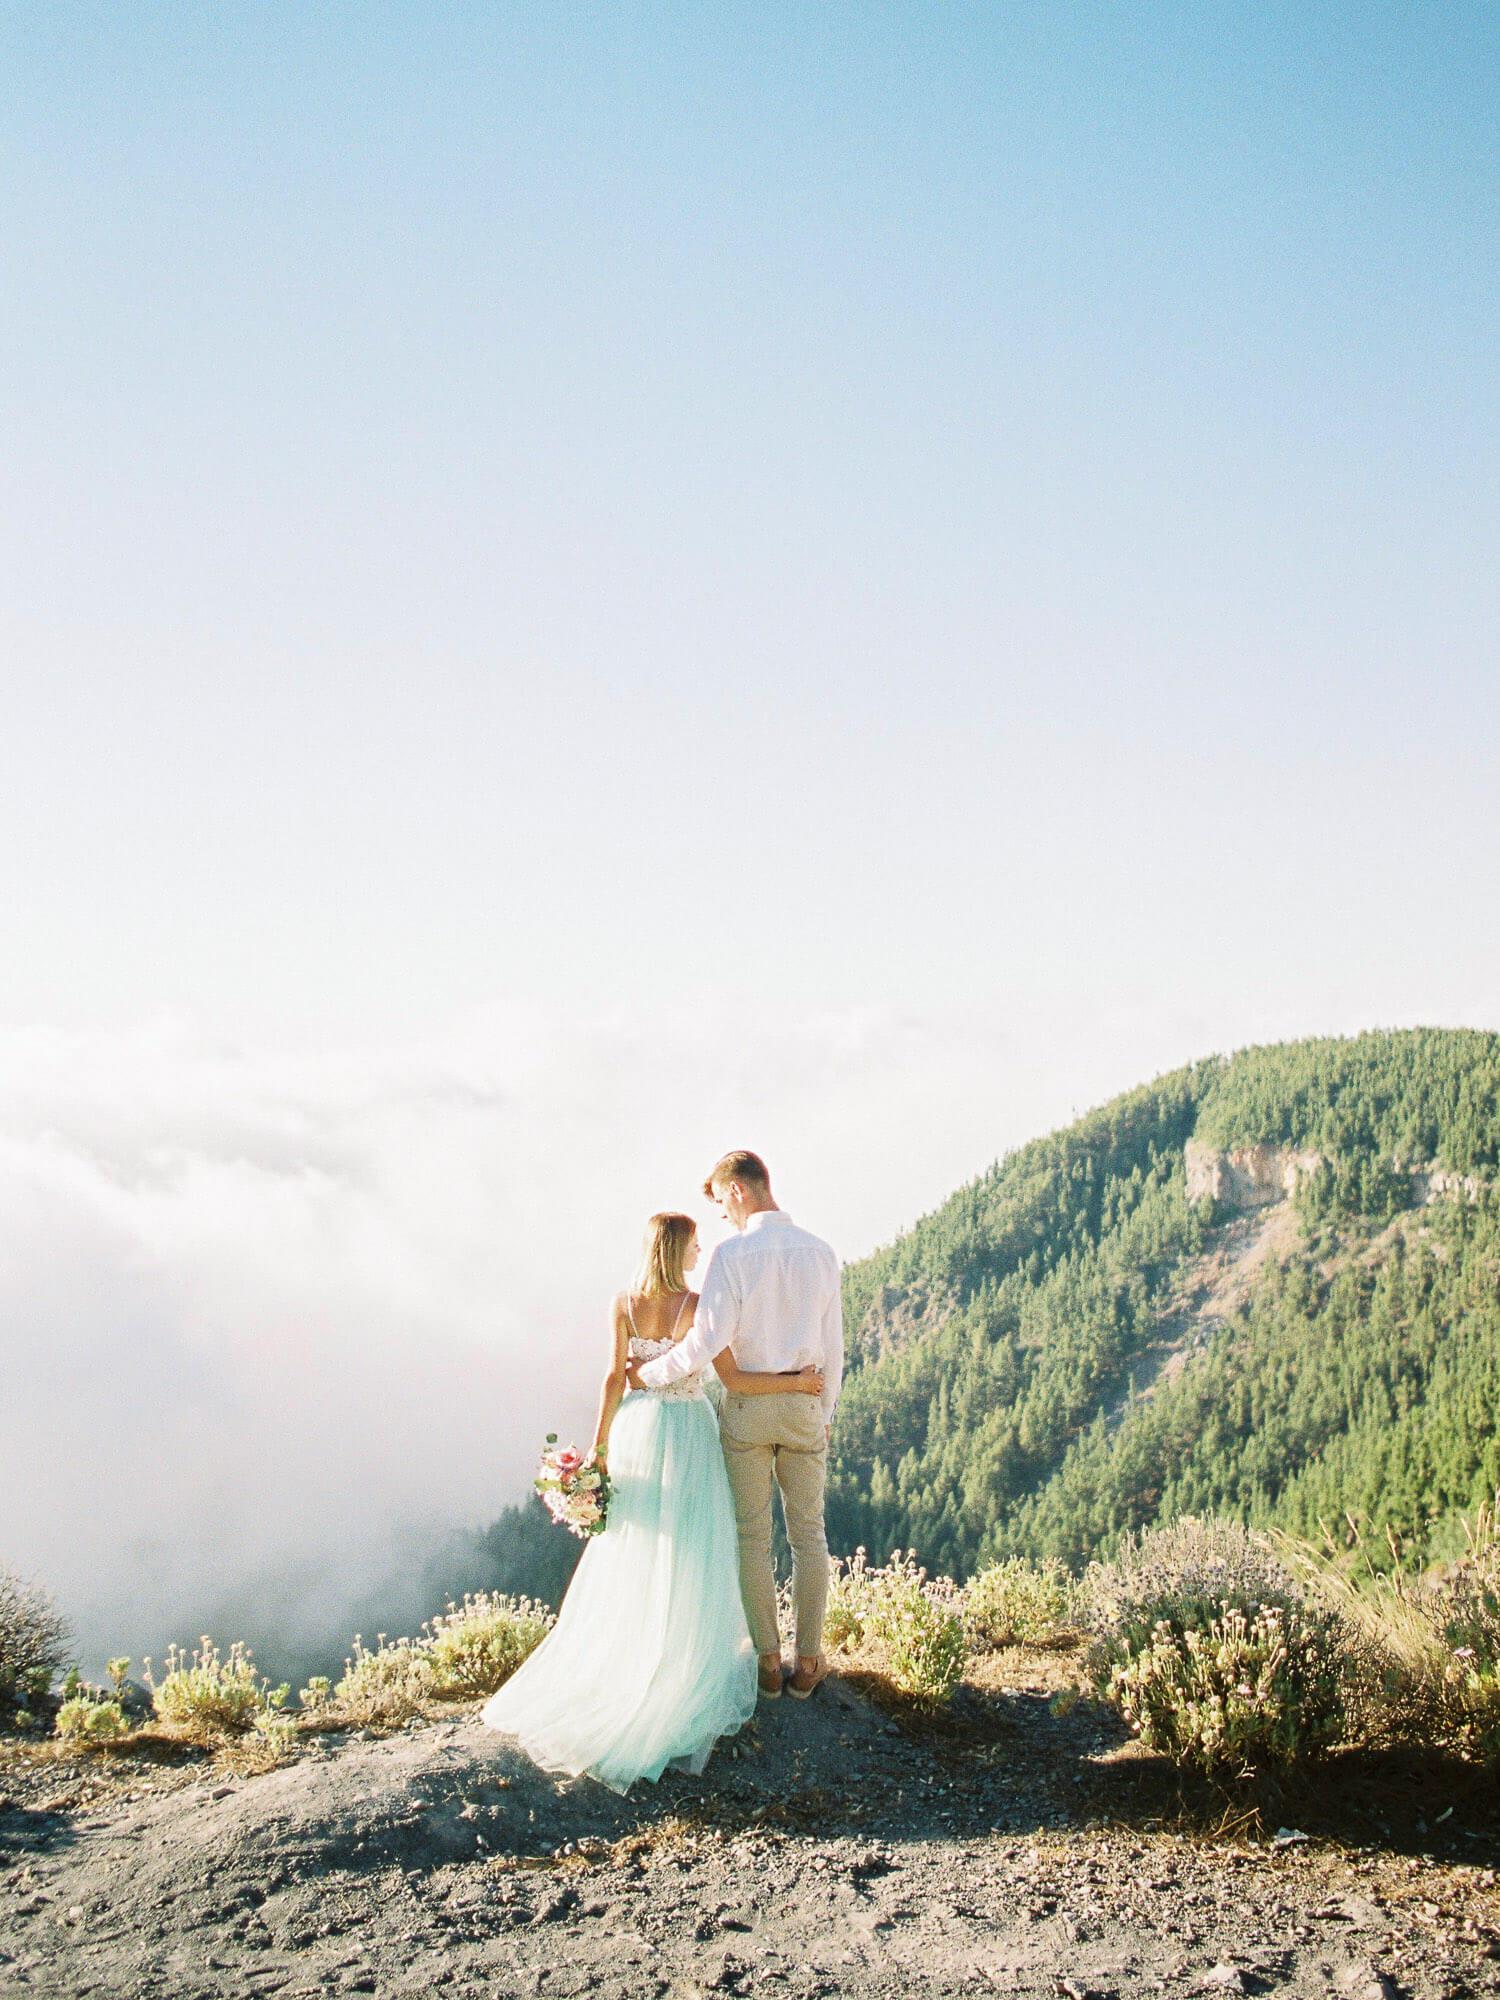 wedding photoshoot on Teide in Tenerife